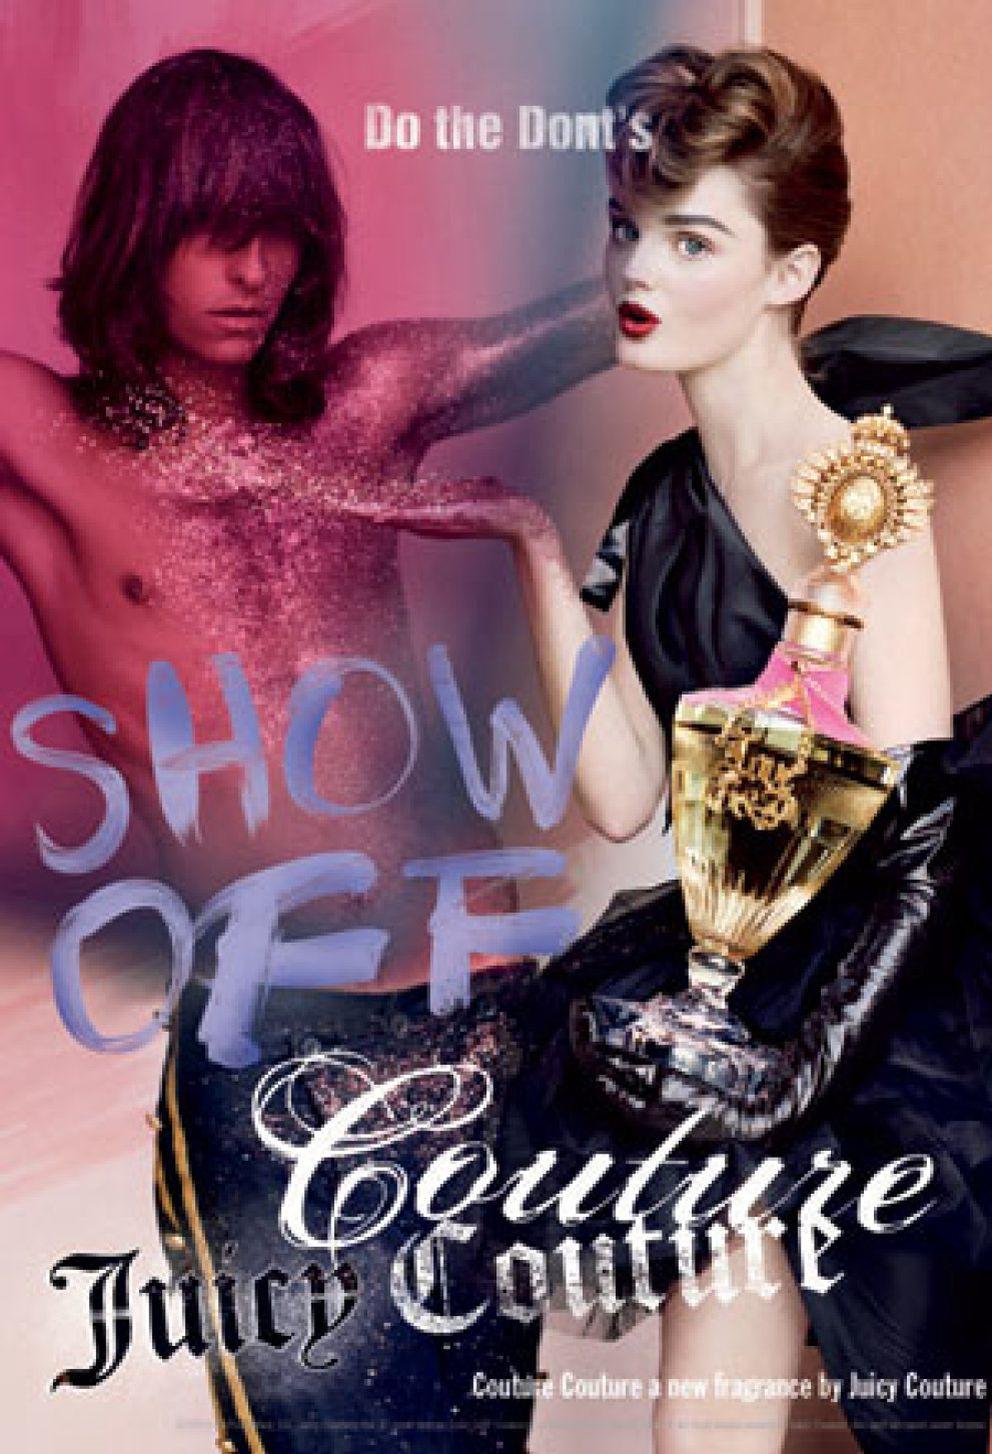 Foto: Juicy Couture abre sus puertas al País de las Maravillas